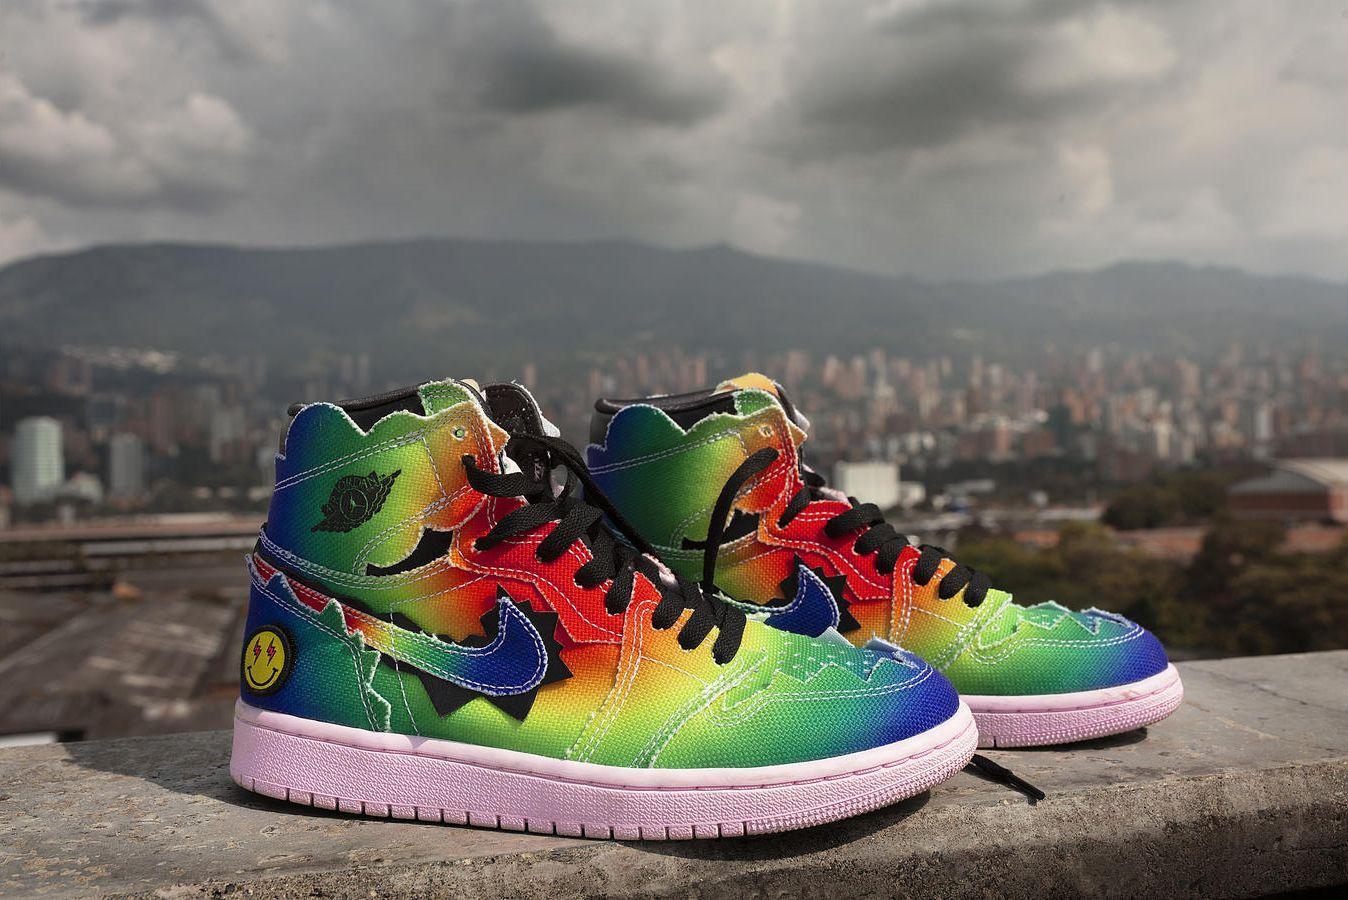 Cabaña Complacer Cumplido  Nike Air Jordan 1 Retro High OG x J Balvin llegan a Chile | Majos